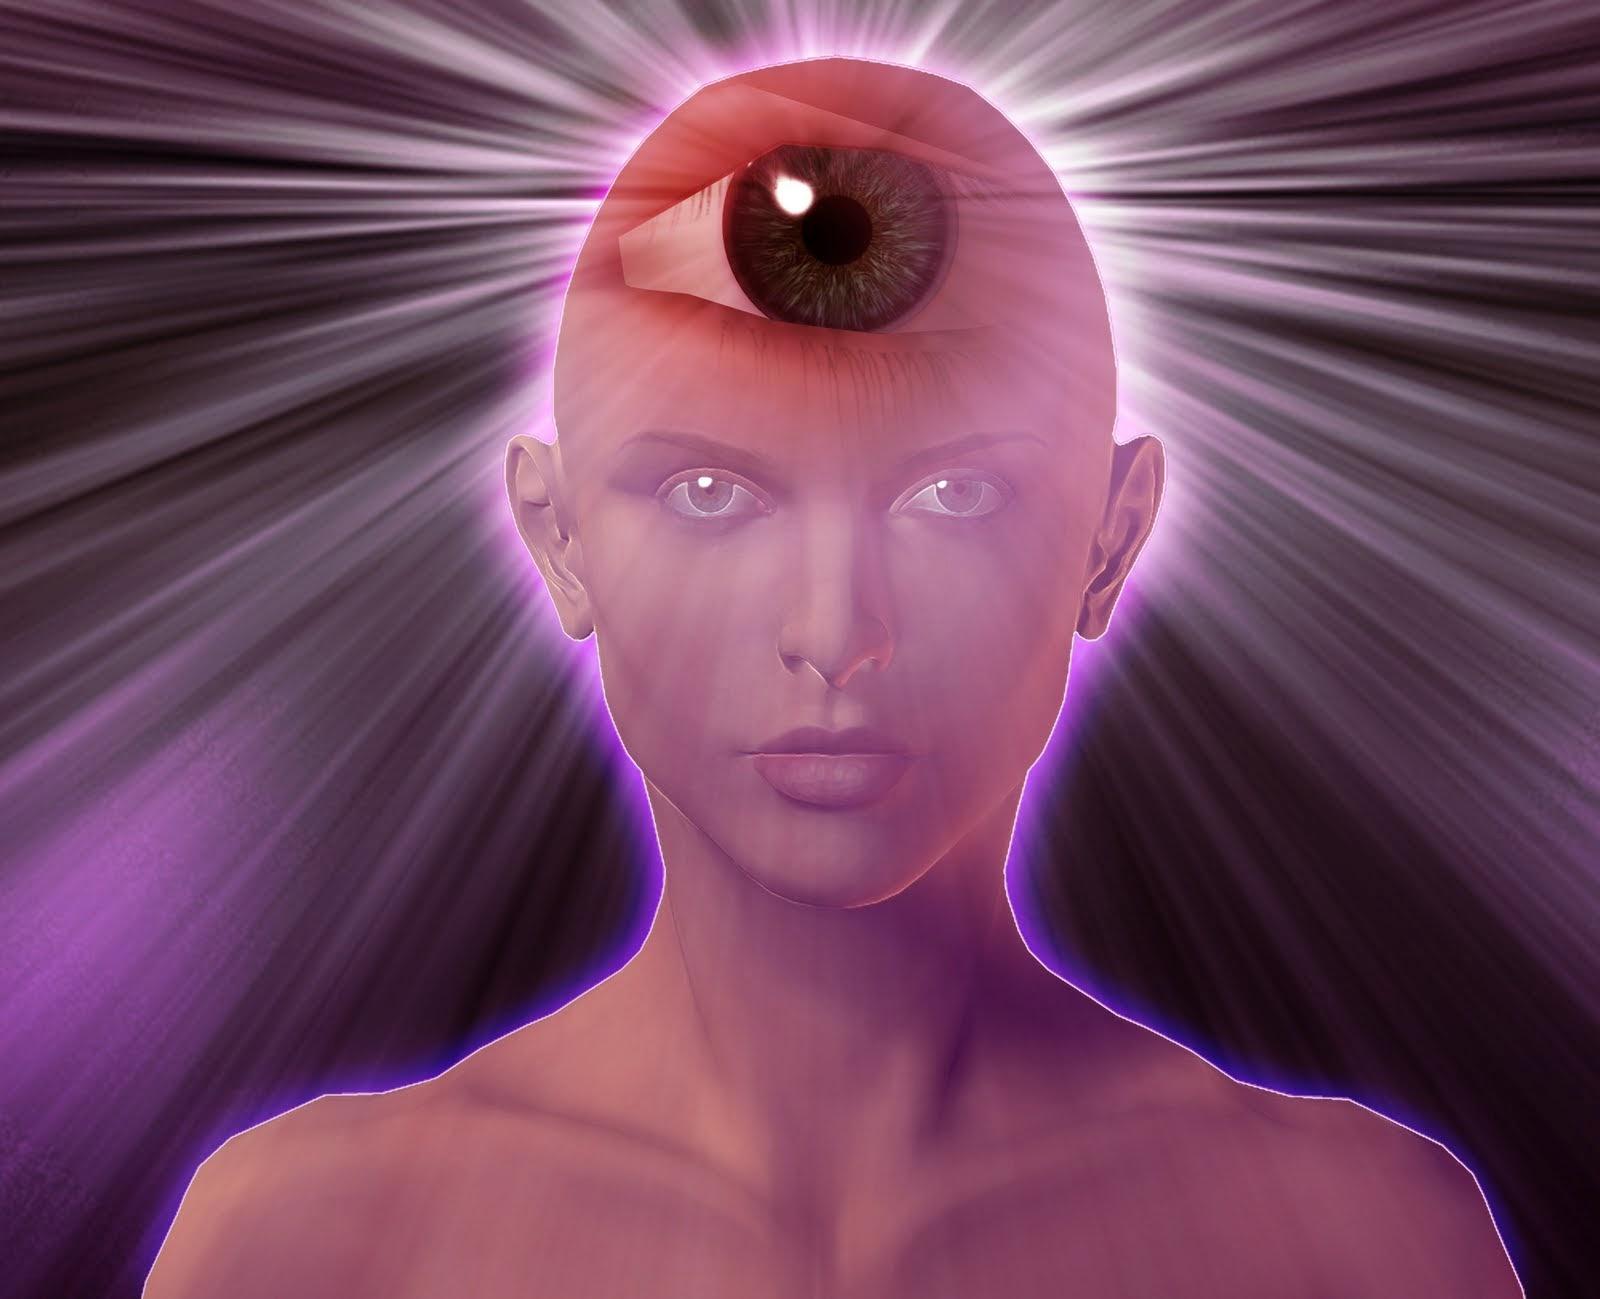 f271d-percepcionextrasensorial